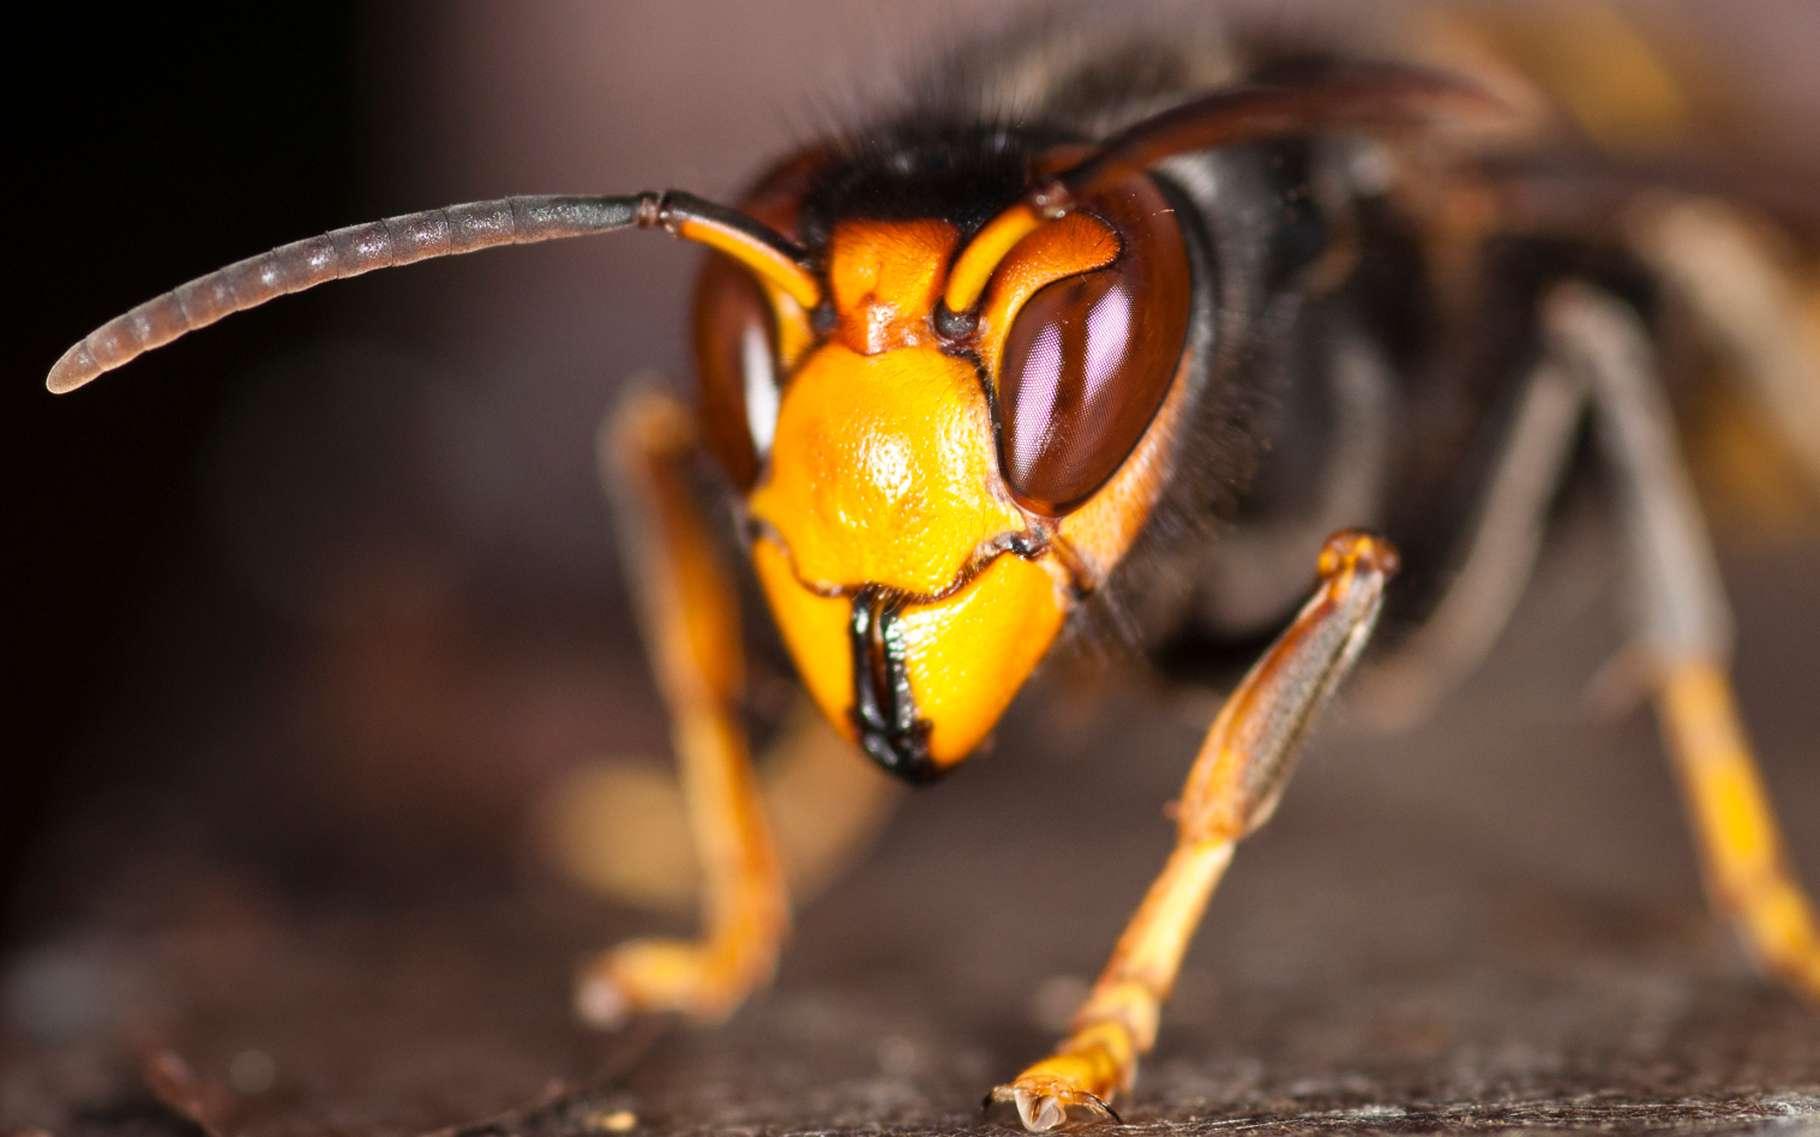 Frelon asiatique (Vespa velutina). Cette espèce dite invasive pose des problèmes de santé humaine, économiques et environnementaux. © Danel Solabarrieta, Wikimedia Commons, CC by-sa 2.0